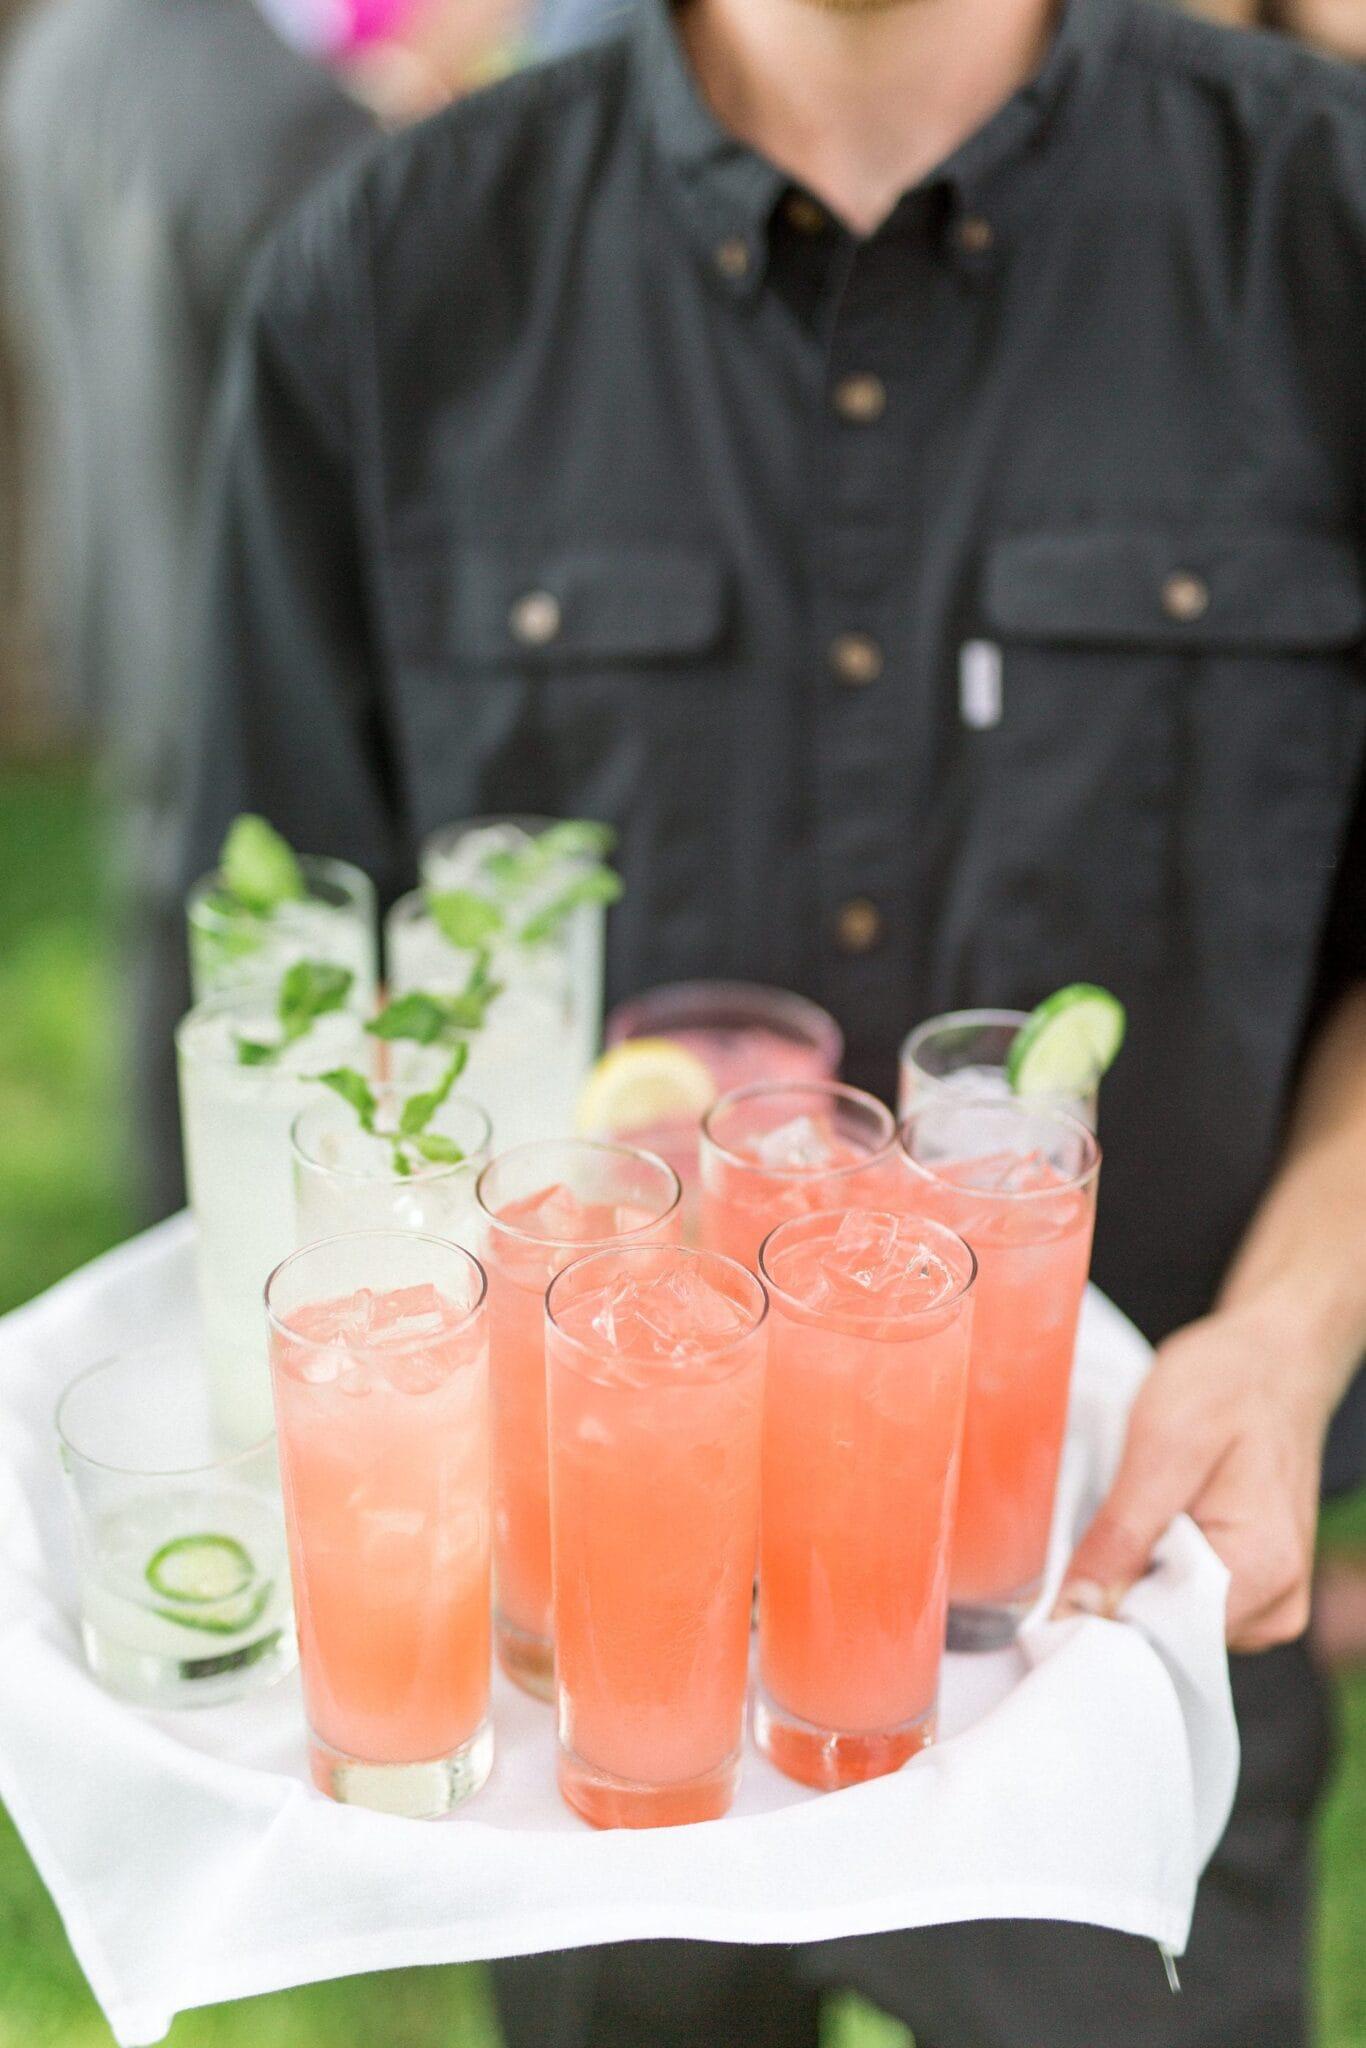 Chandlier heaven with pink lemonade new England weddings